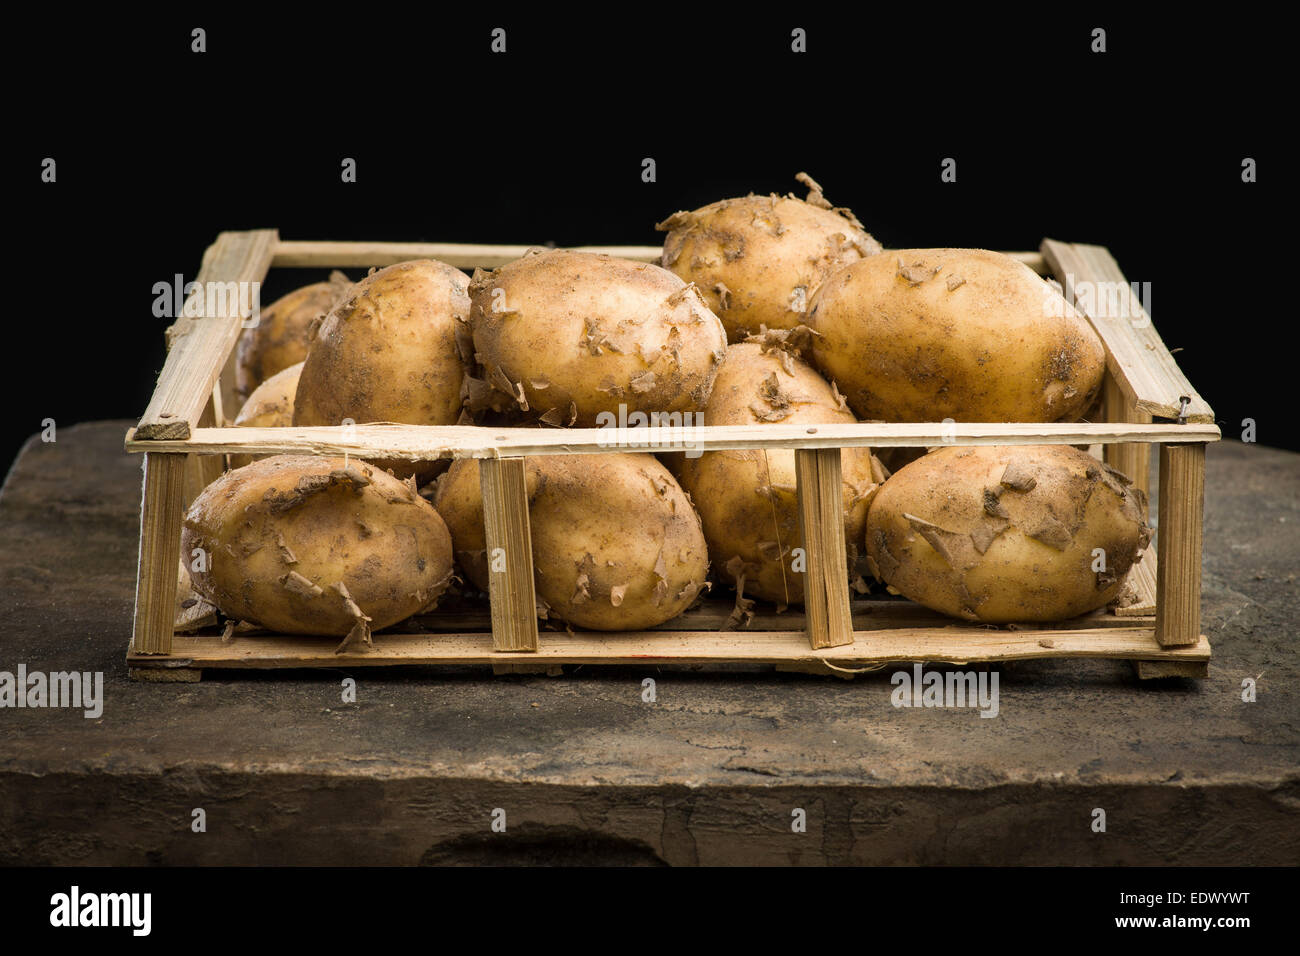 Young Mature le patate in una cassa di legno su sfondo scuro Immagini Stock